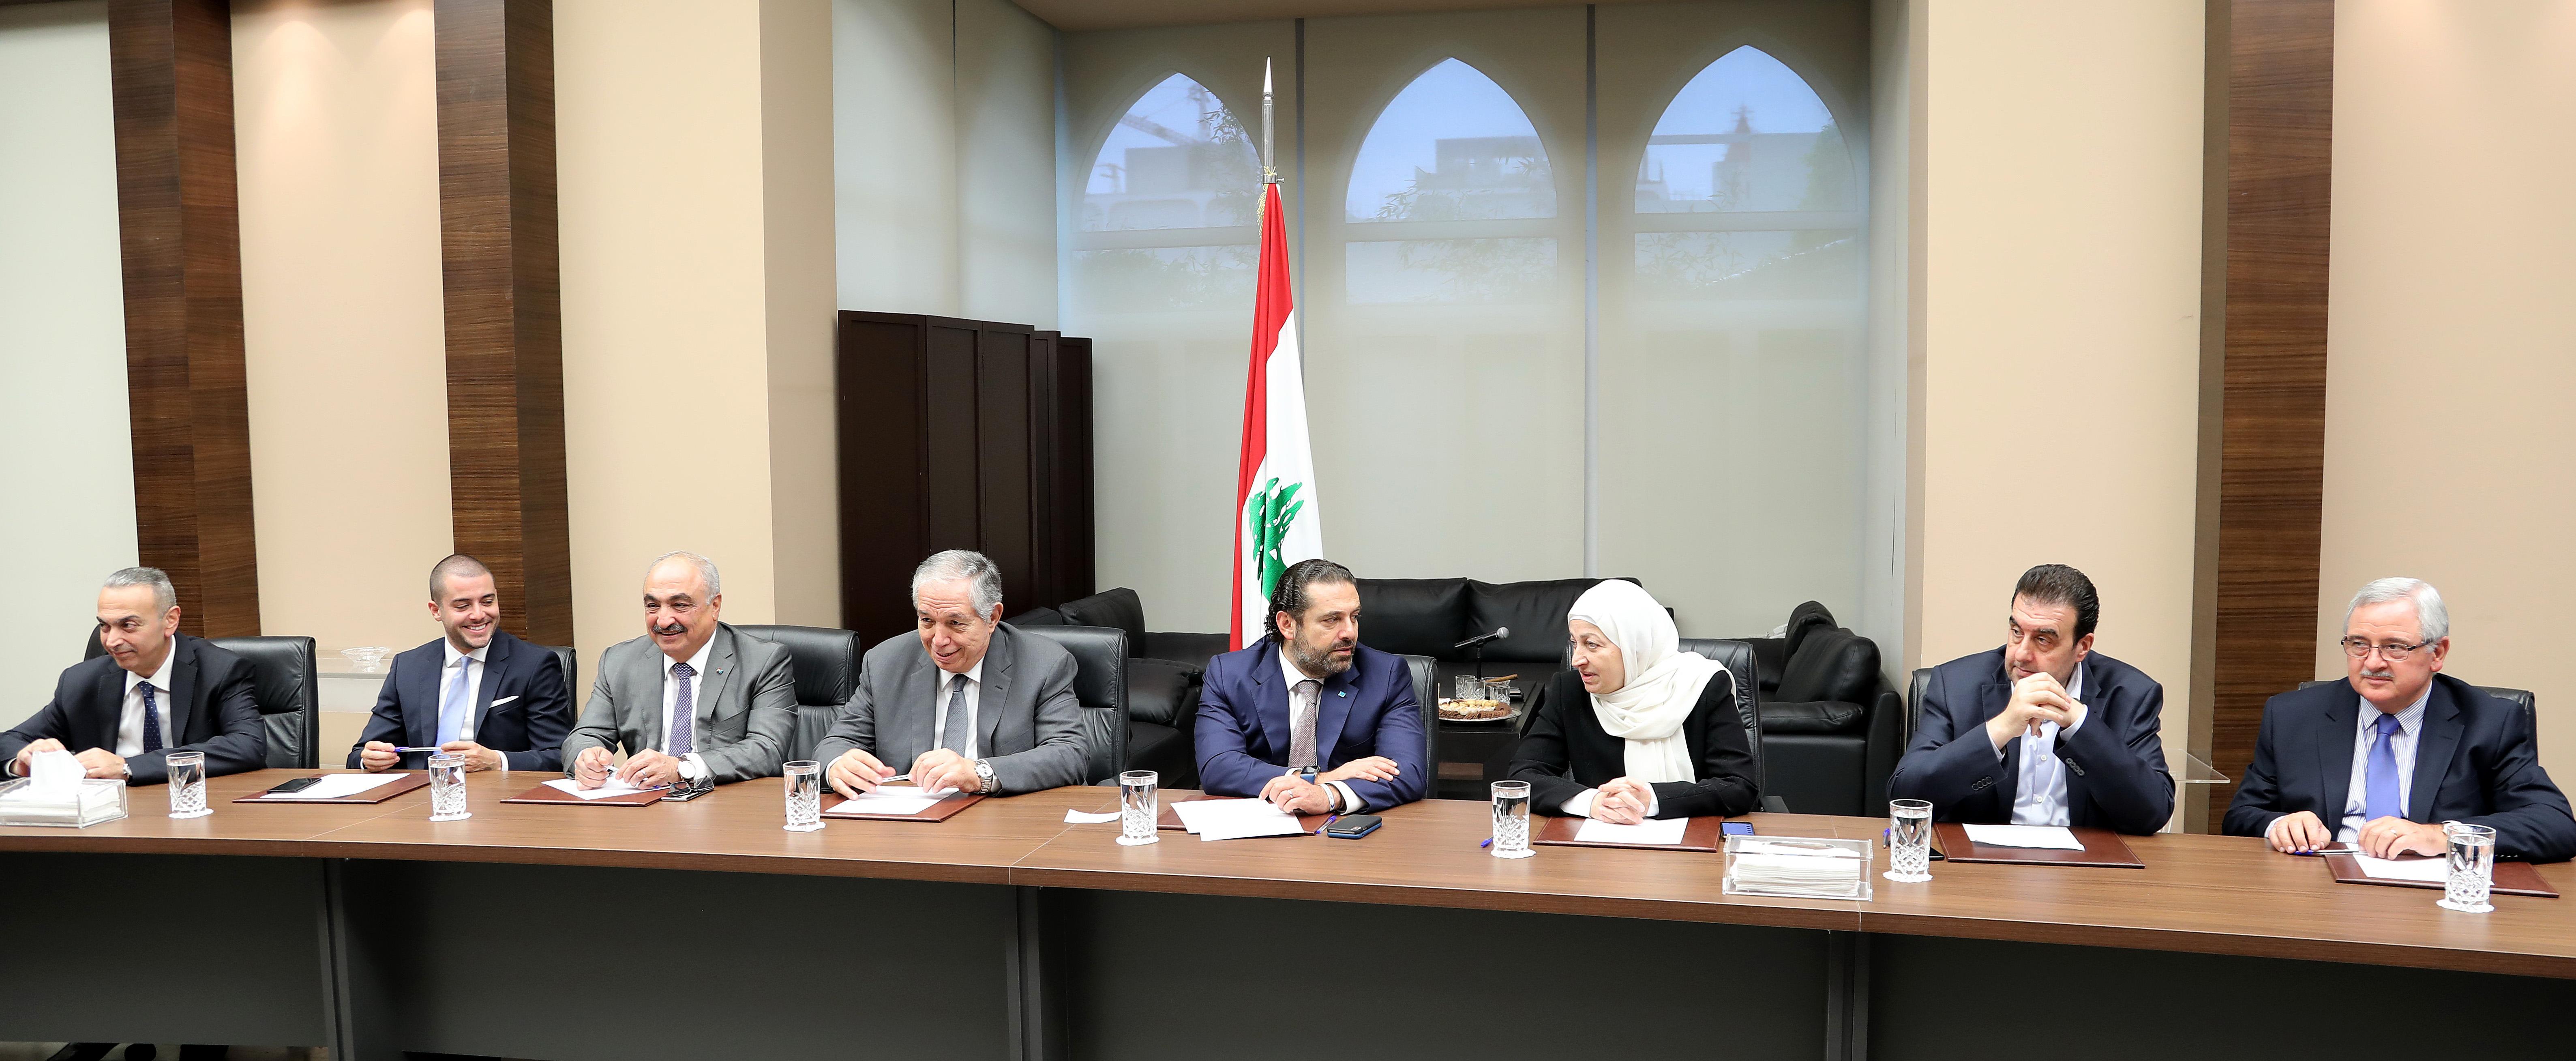 Pr Minister Saad Hariri Heading Almustaqbal MPs Bloc 3